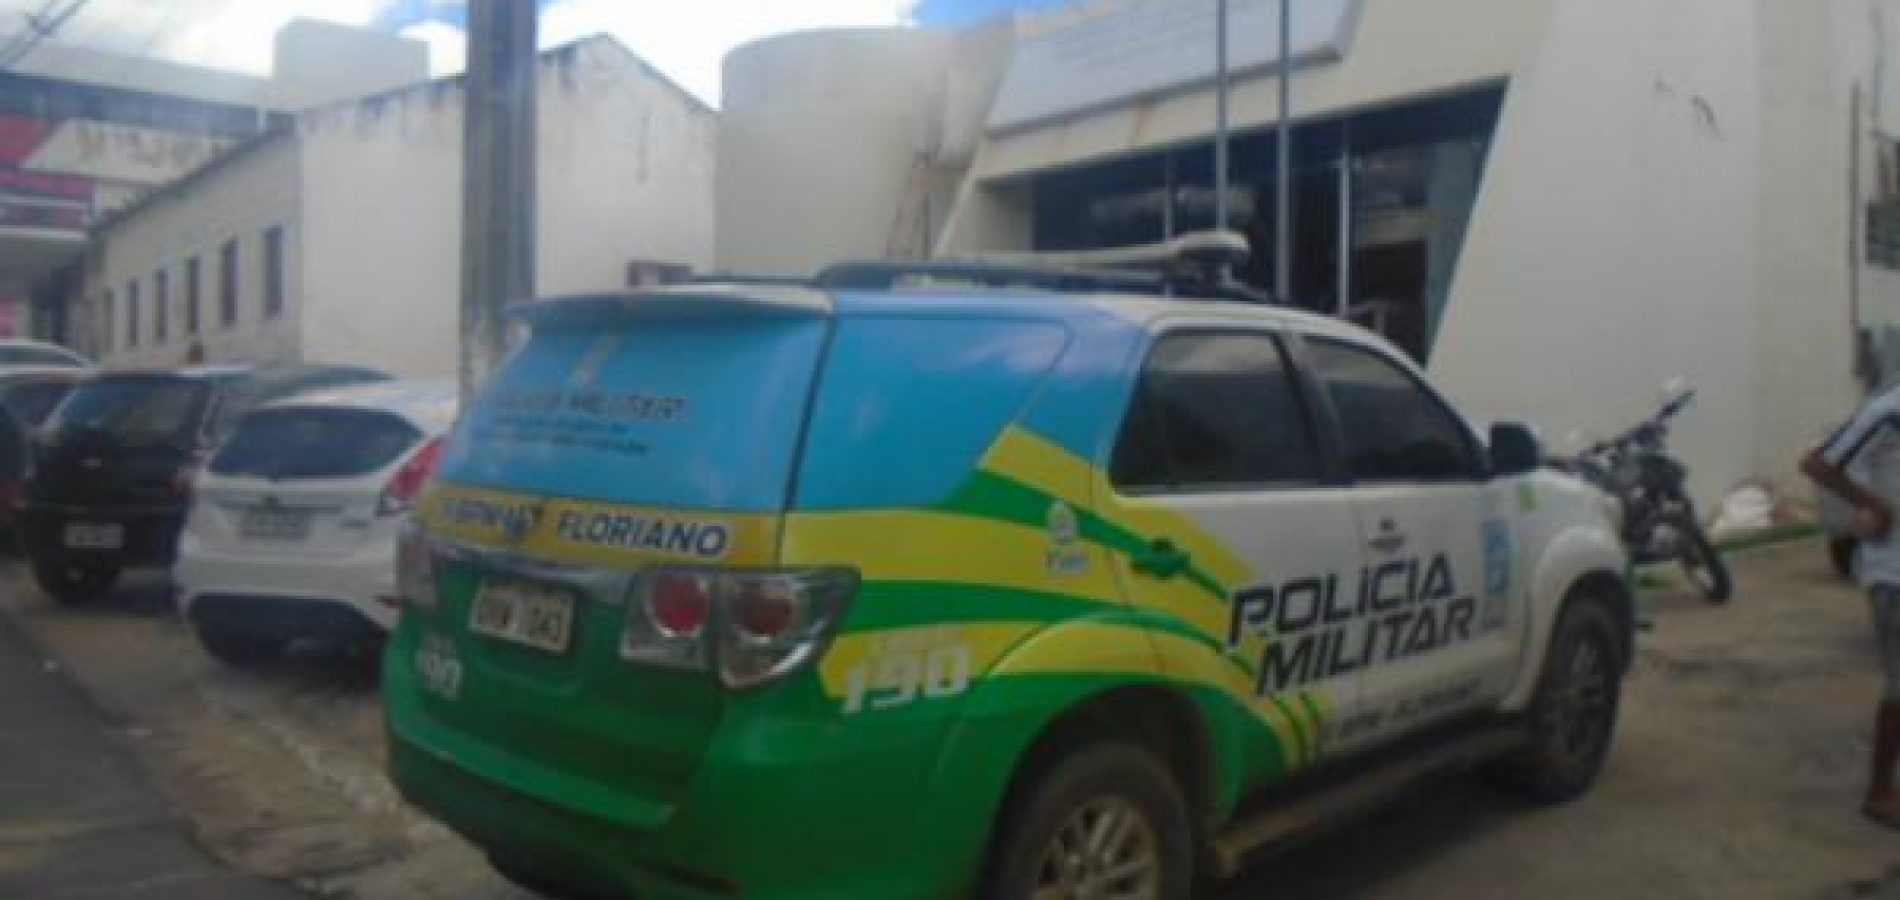 Troca de tiros em rodovia estadual termina com dois mortos em Floriano